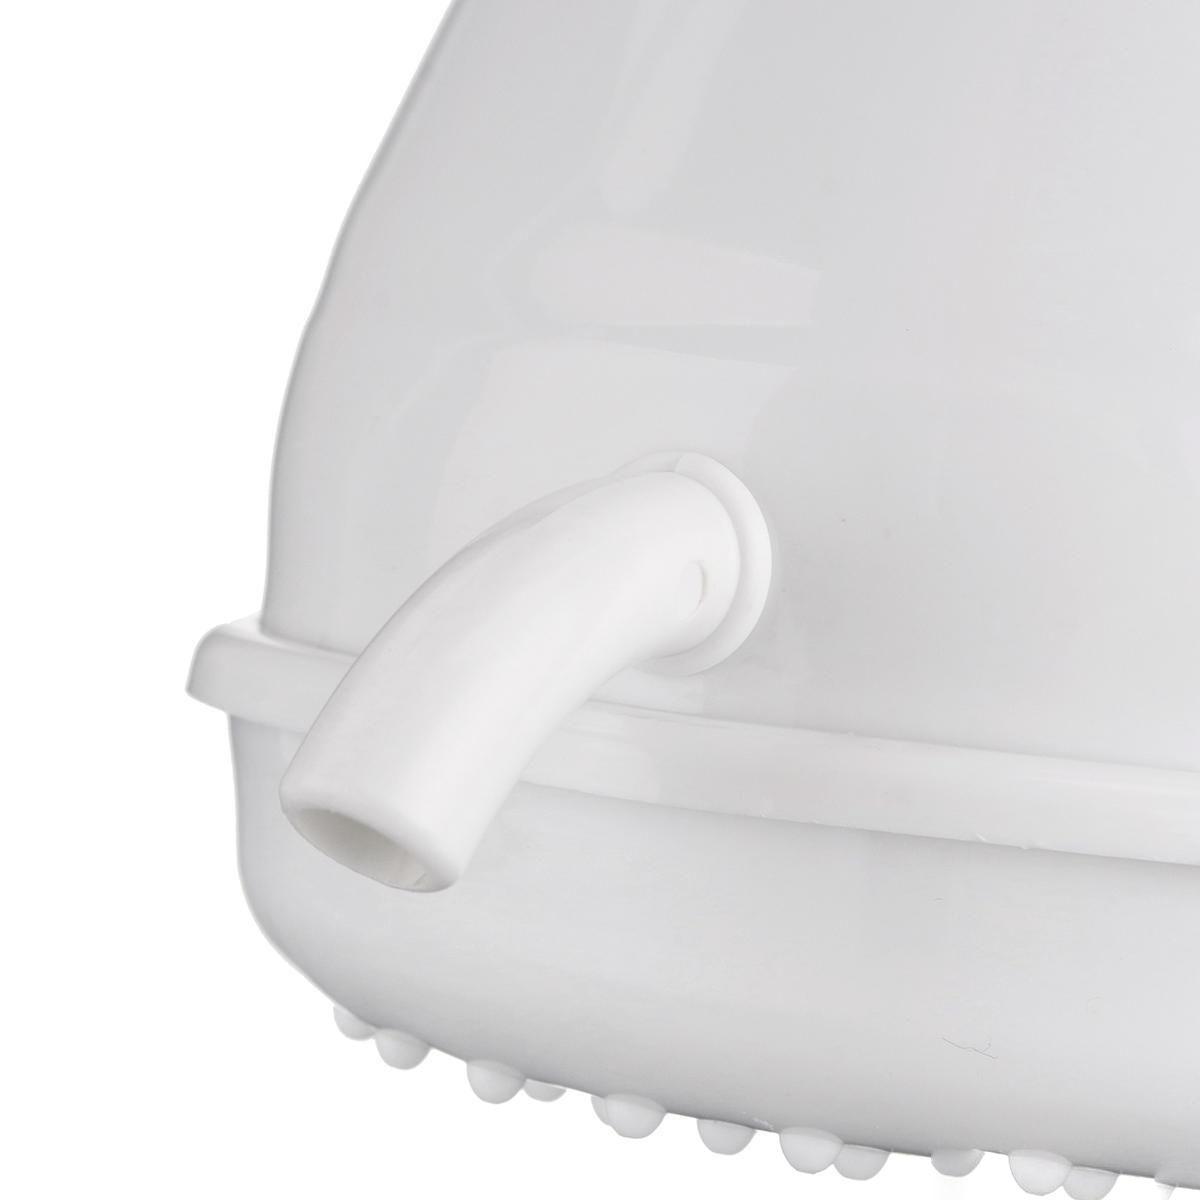 Chuveiro Eletrico 5400w Ducha Casa banheiro Multitemperaturas residencia